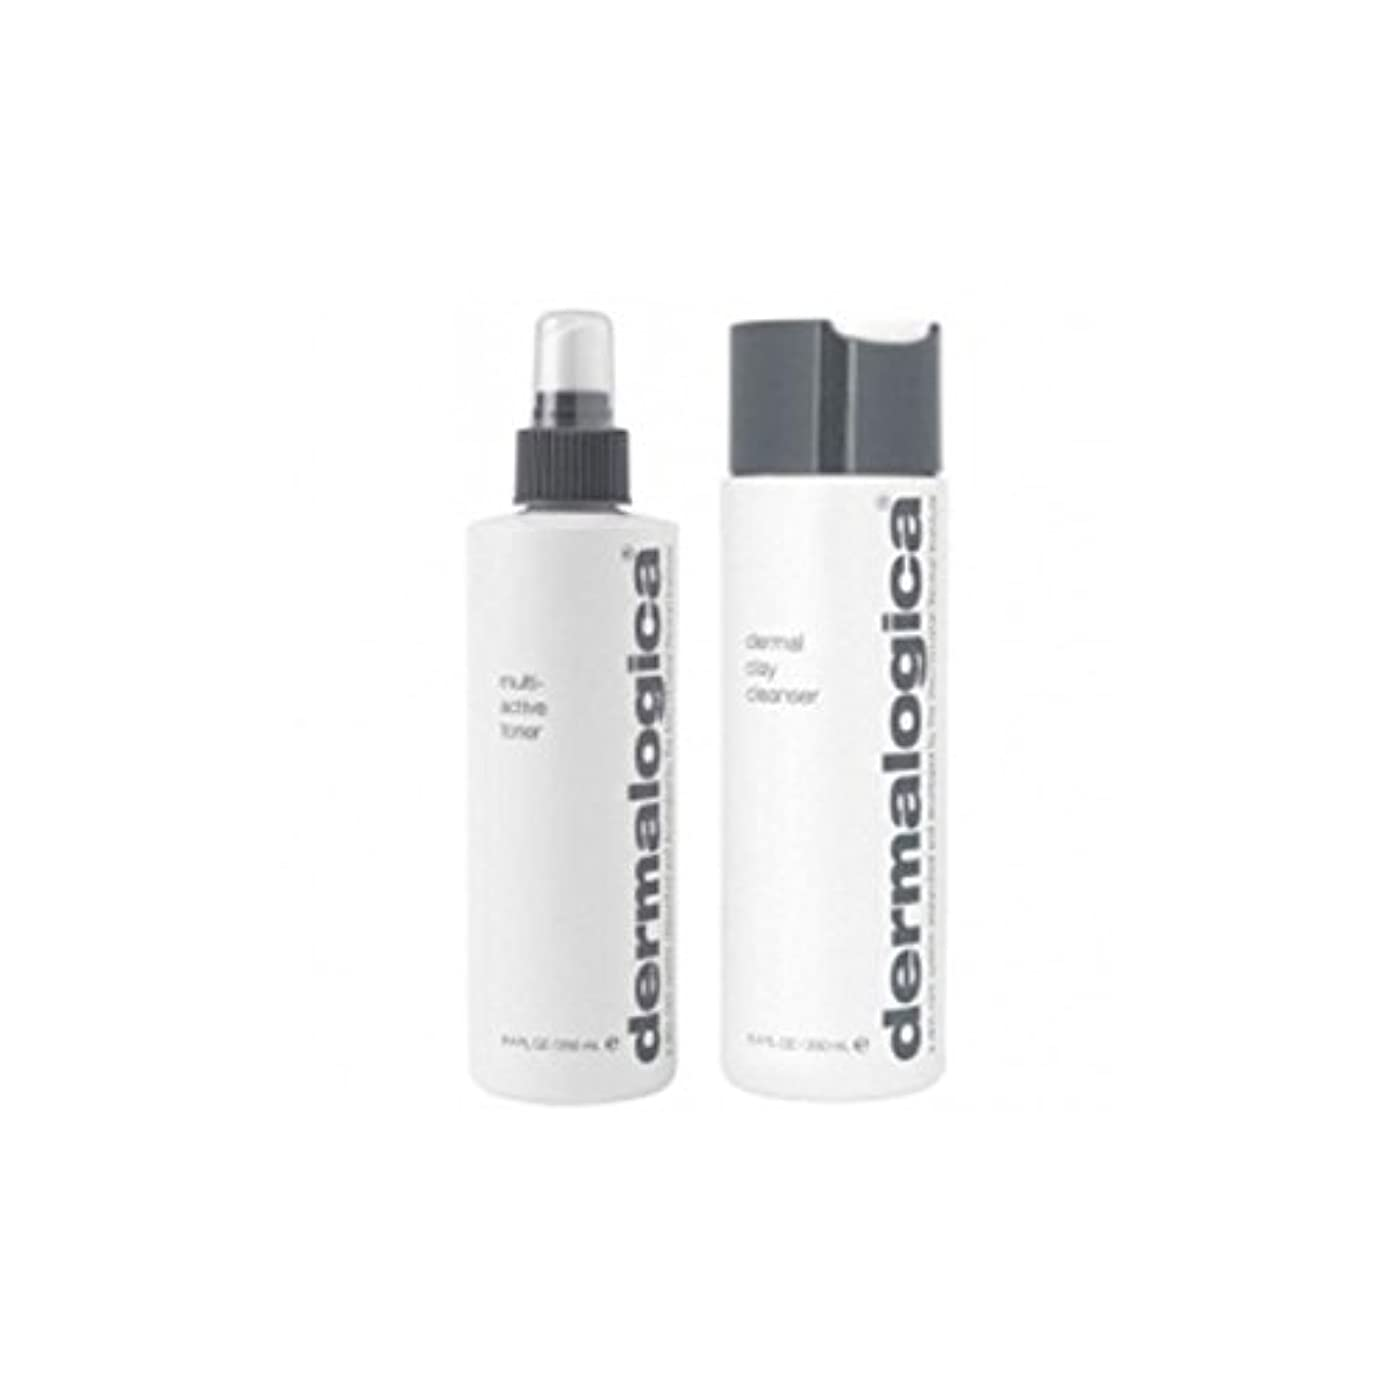 出発オーナーコンソールDermalogica Cleanse & Tone Duo - Oily Skin (2 Products) - ダーマロジカクレンジング&トーンデュオ - 脂性肌(2製品) [並行輸入品]